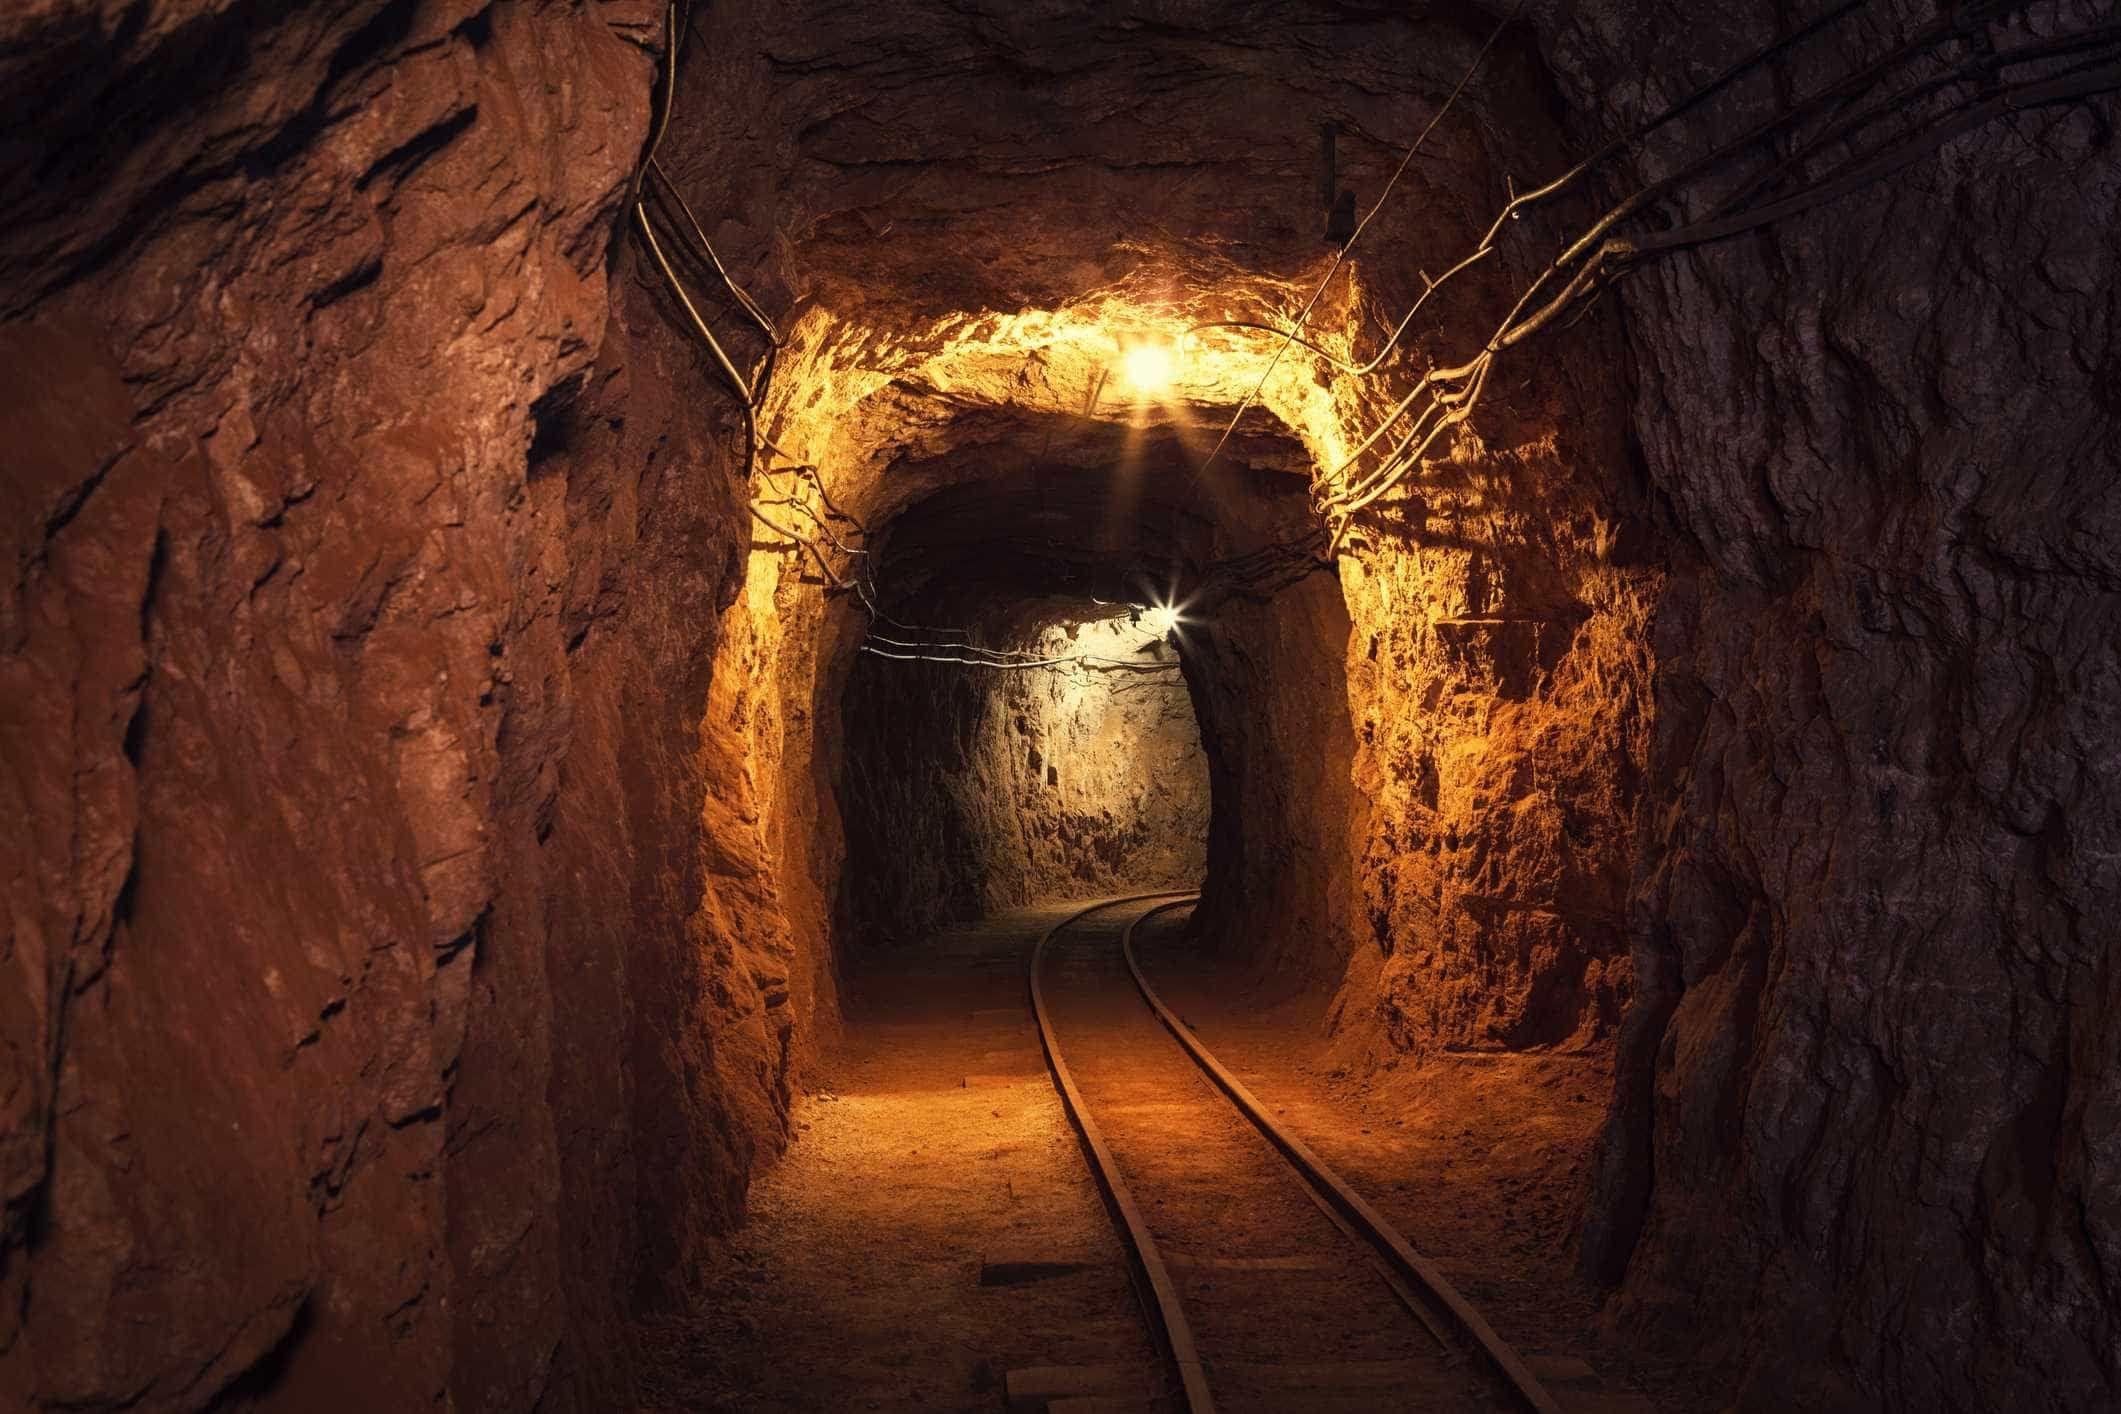 Nove mineiros que ficaram presos em mina na Rússia encontrados mortos